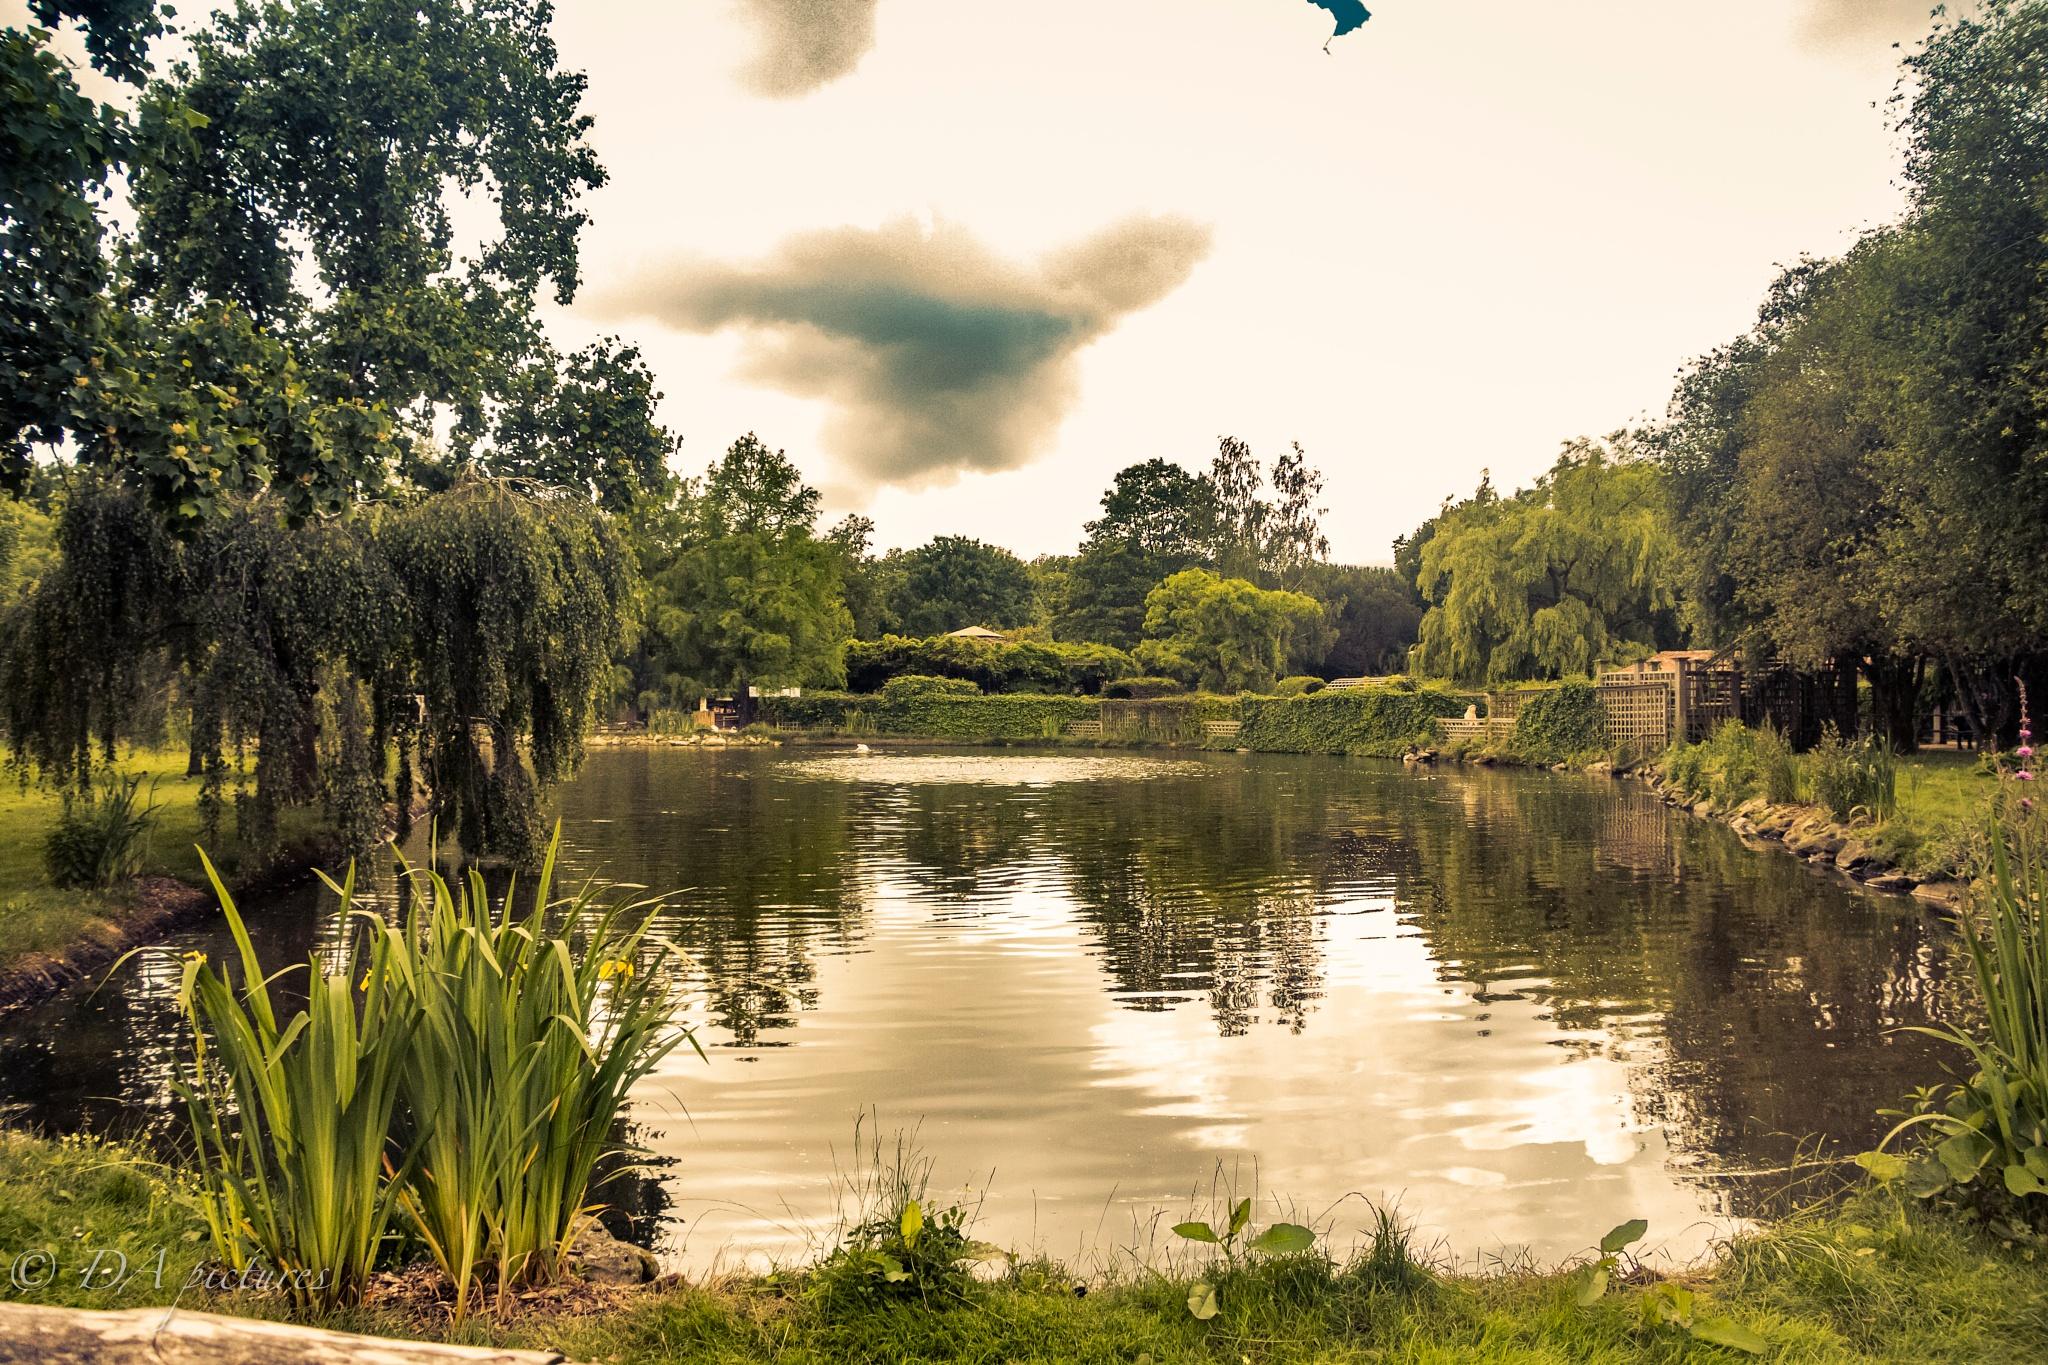 Pond by djaffar adane